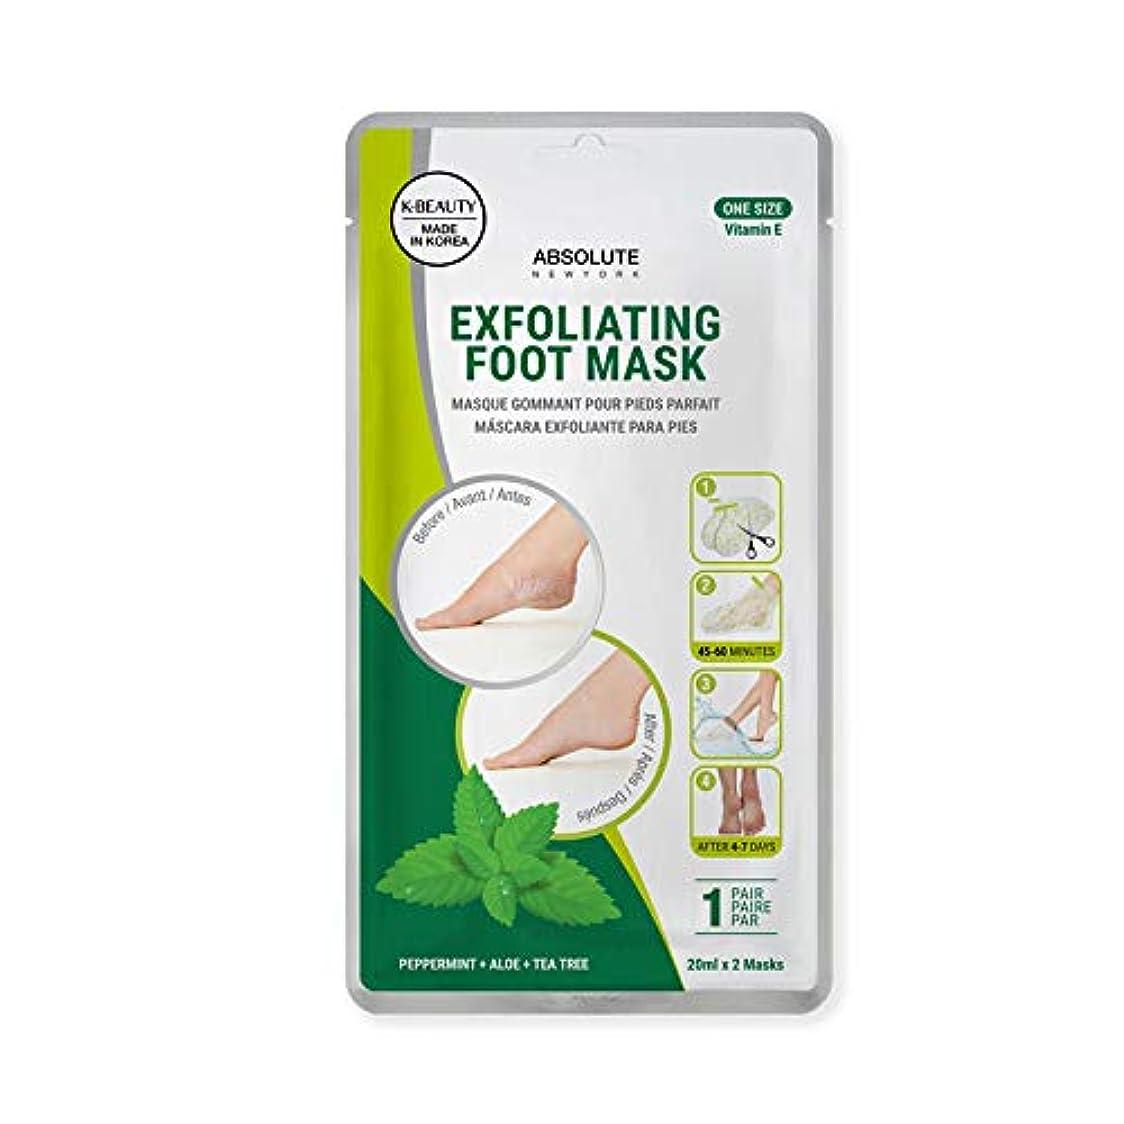 椅子放映論文(3 Pack) ABSOLUTE Exfoliating Foot Mask - Peppermint + Aloe + Tea Tree (並行輸入品)